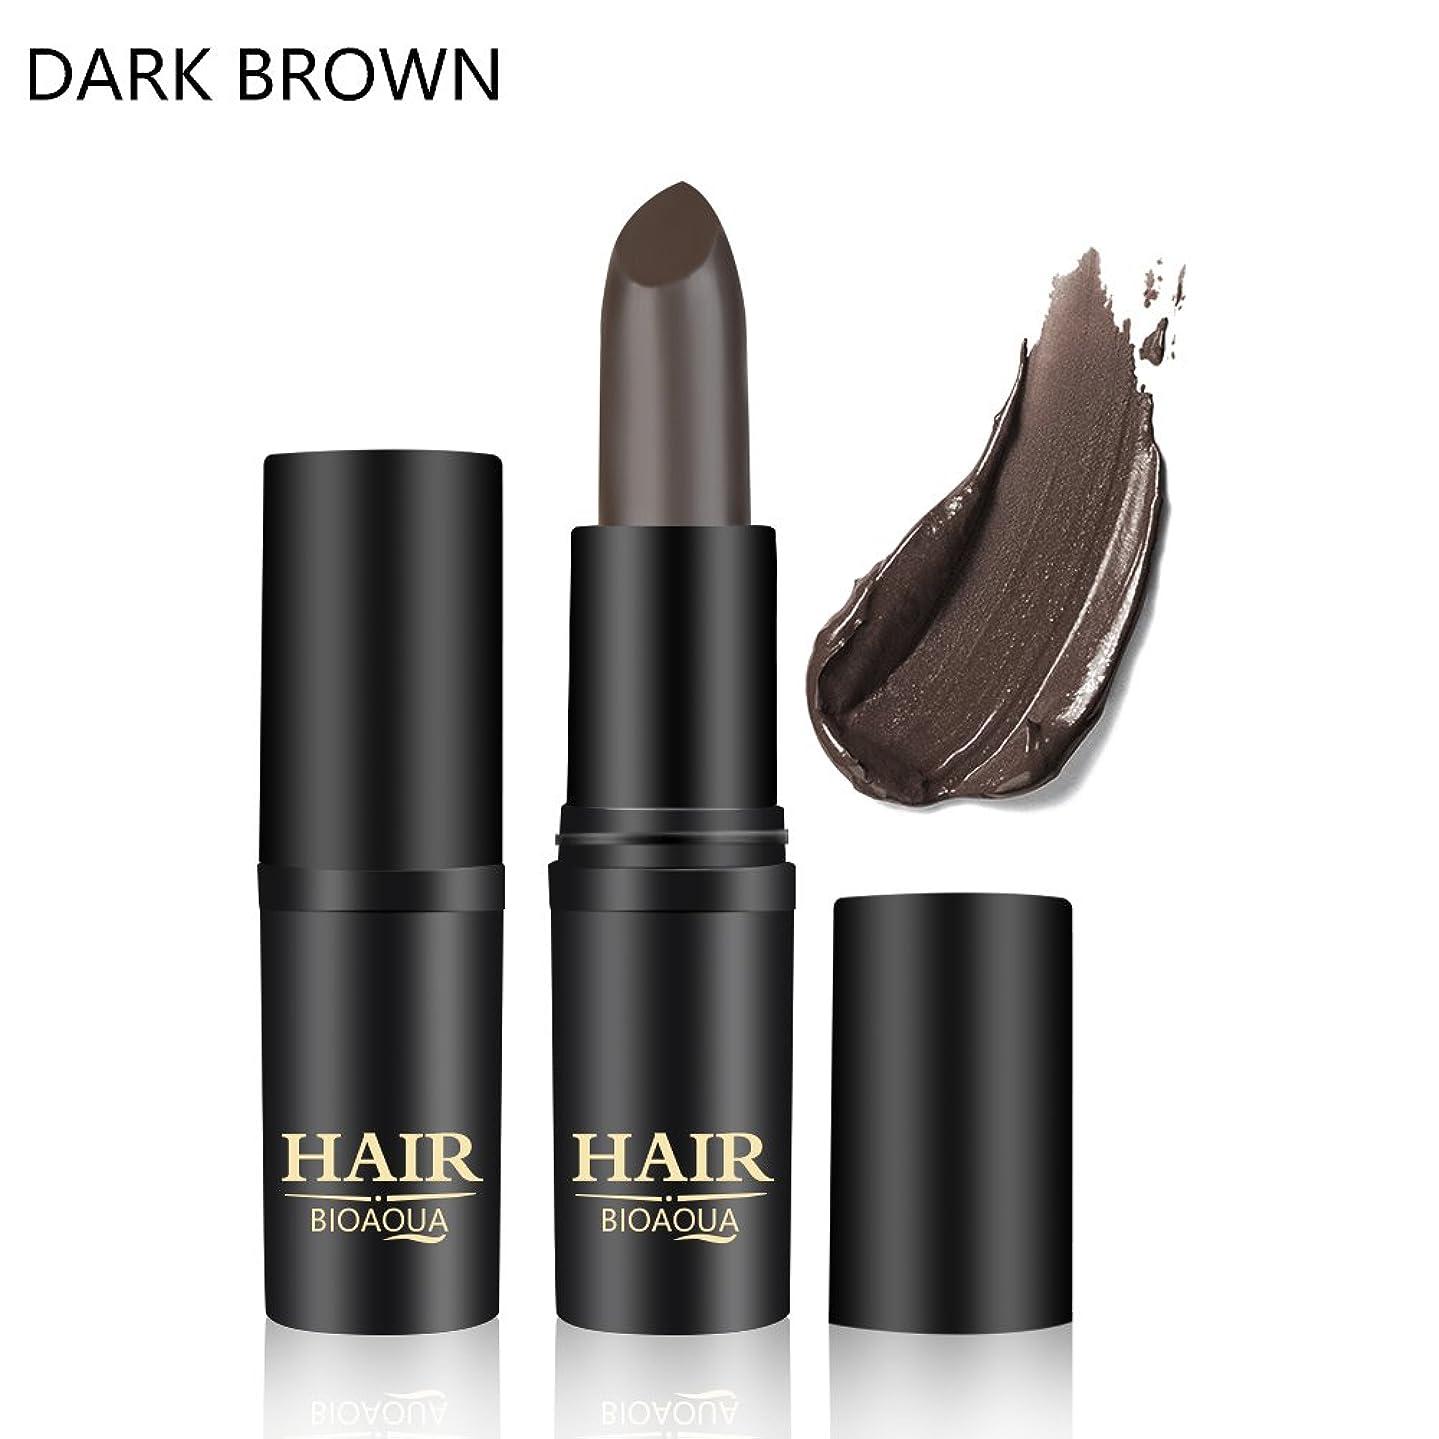 コンクリート式追放[BROWN] 1PC Temporary Hair Dye Cream Mild Fast One-off Hair Color Stick Pen Cover White Hair DIY Styling Makeup Beauty Tools